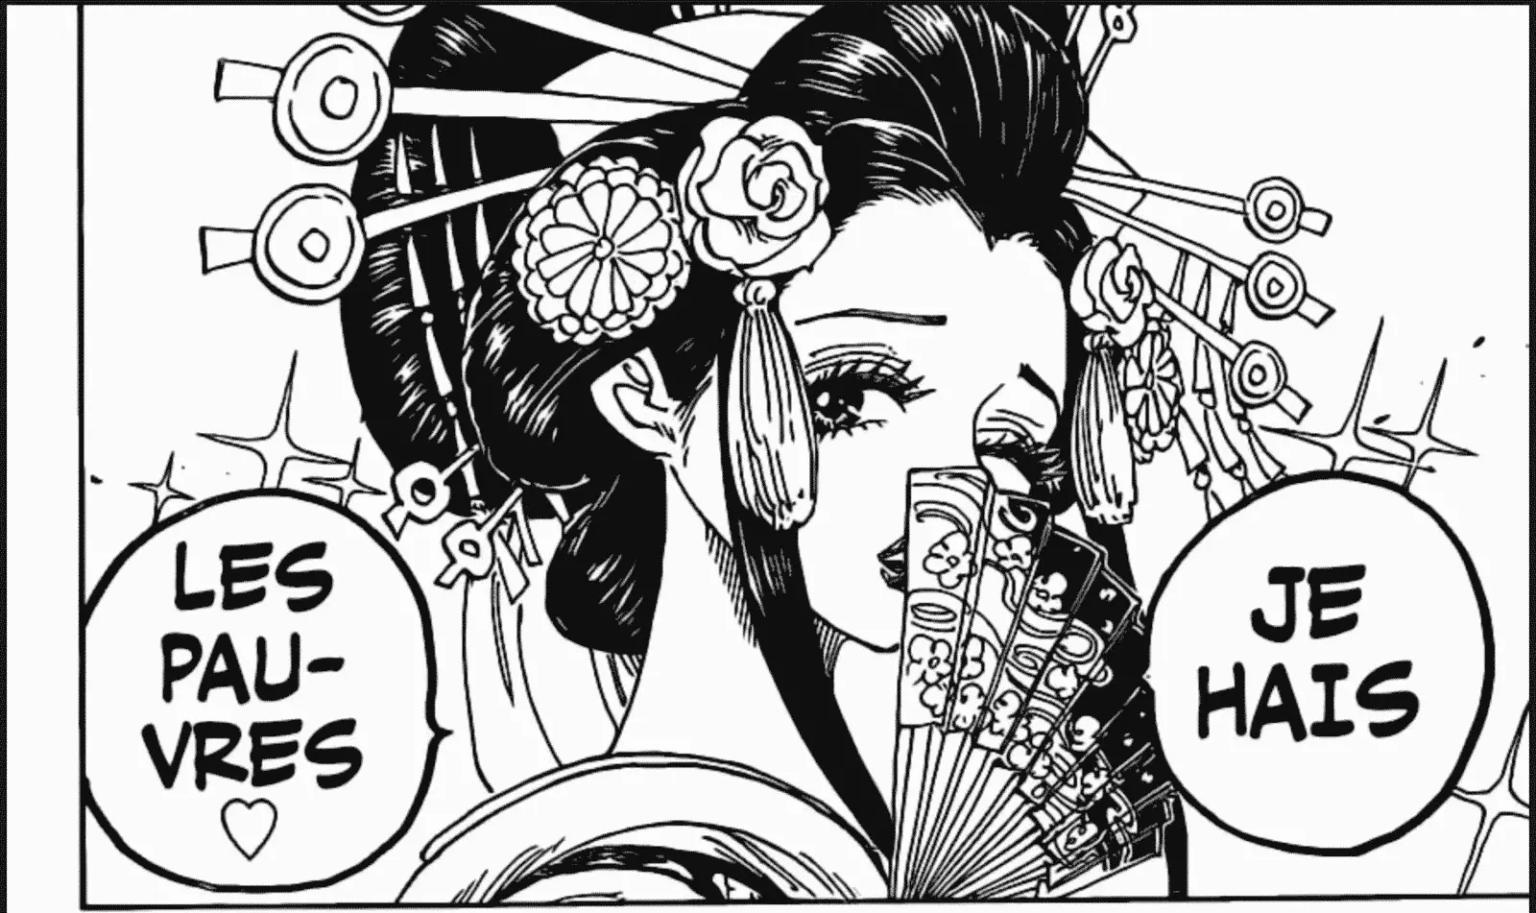 One Piece chapitre 928 Spoiler: Kid révéle qui lui à coupe le bras? 3